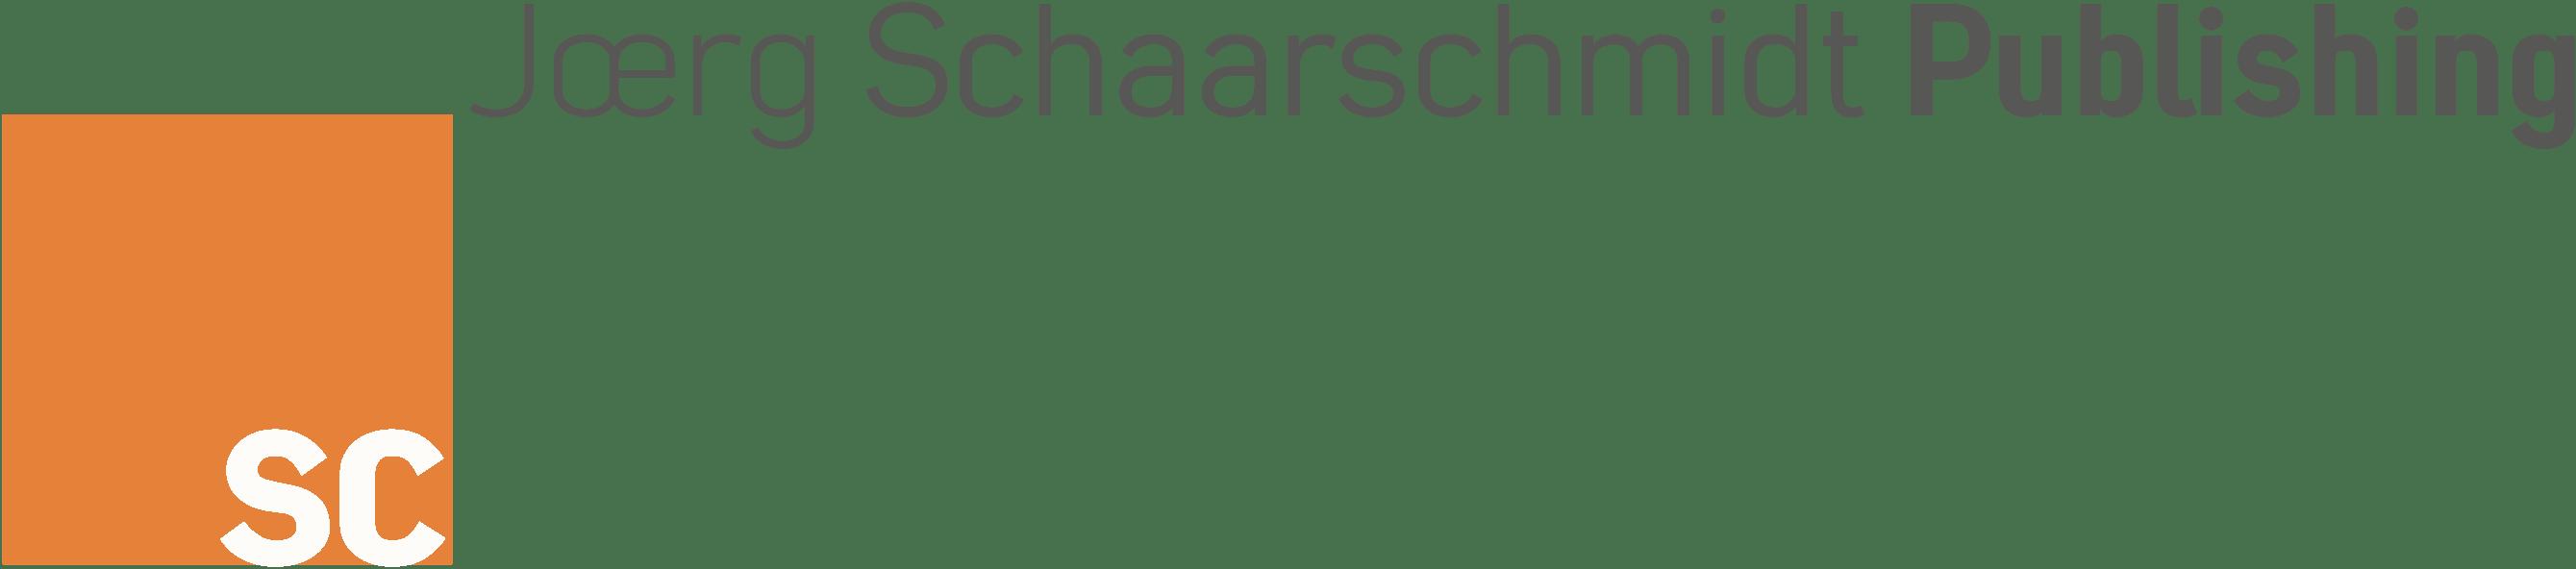 Joerg Schaarschmidt Publishing